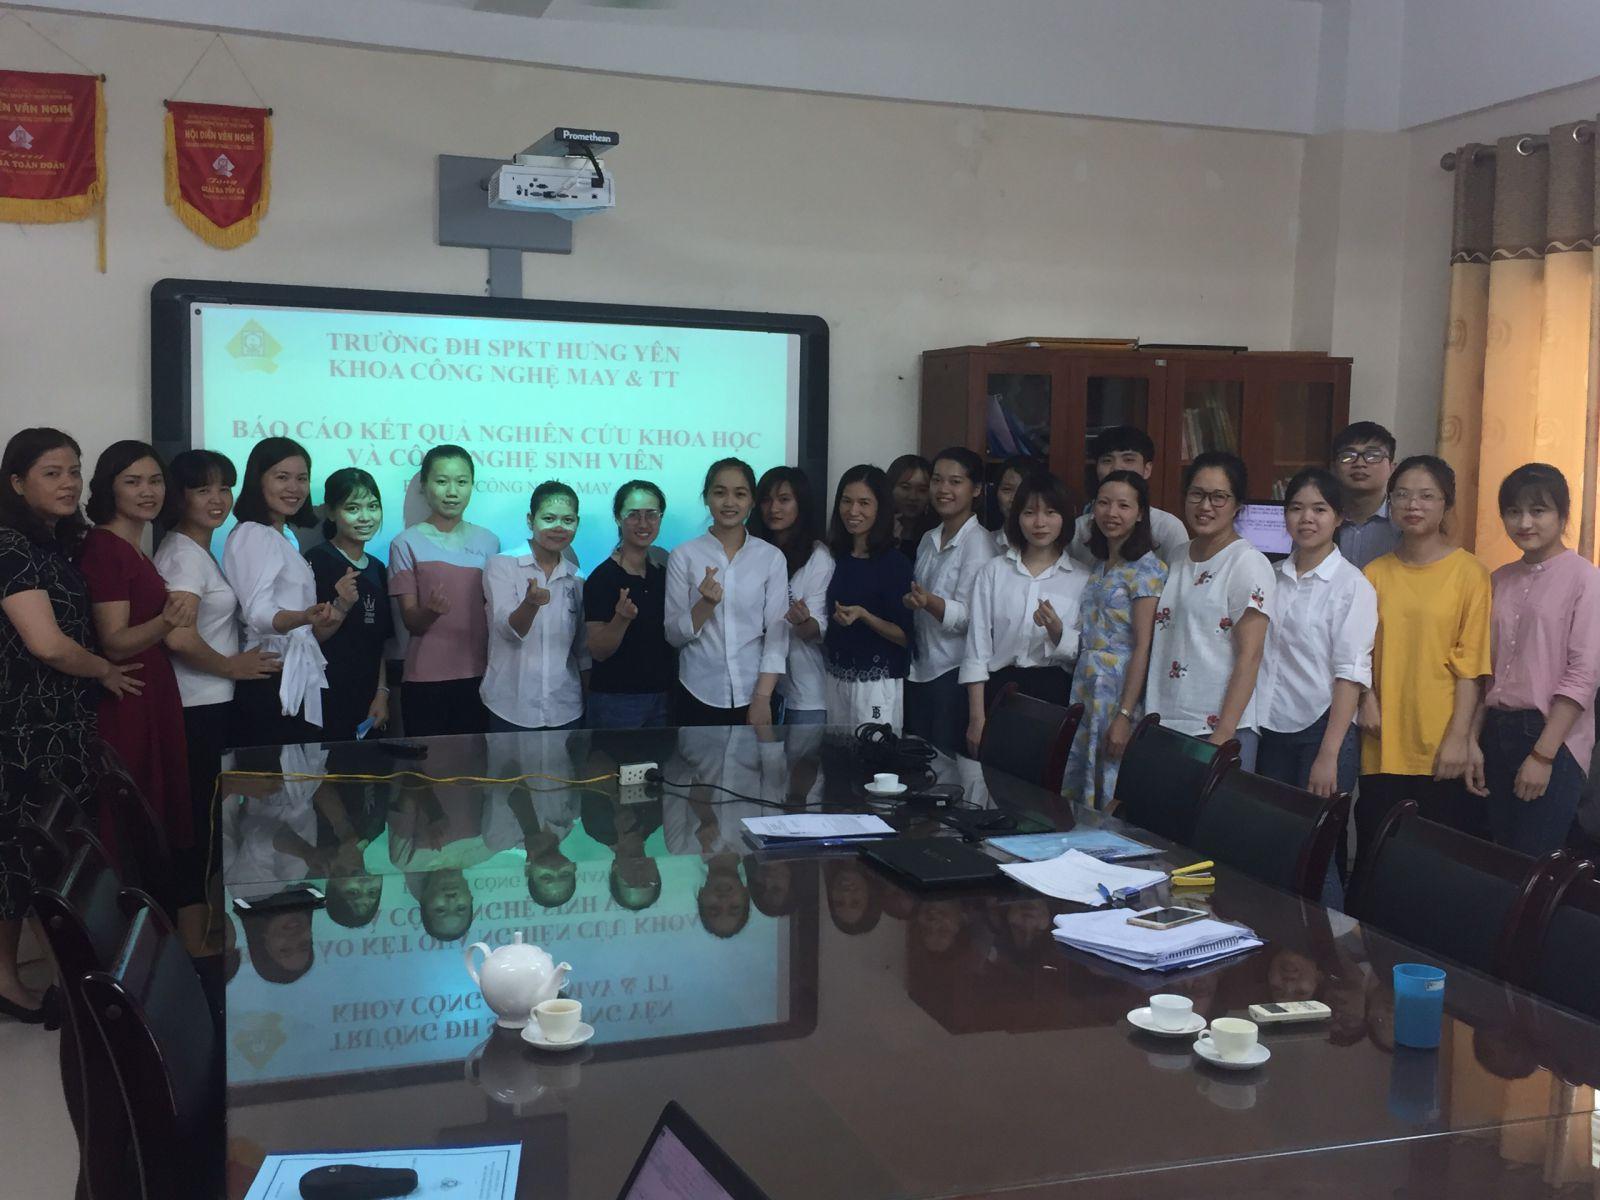 Lễ báo cáo đề tài sinh viên nghiên cứu khoa học Bộ môn Công nghệ may năm học 2019-2020